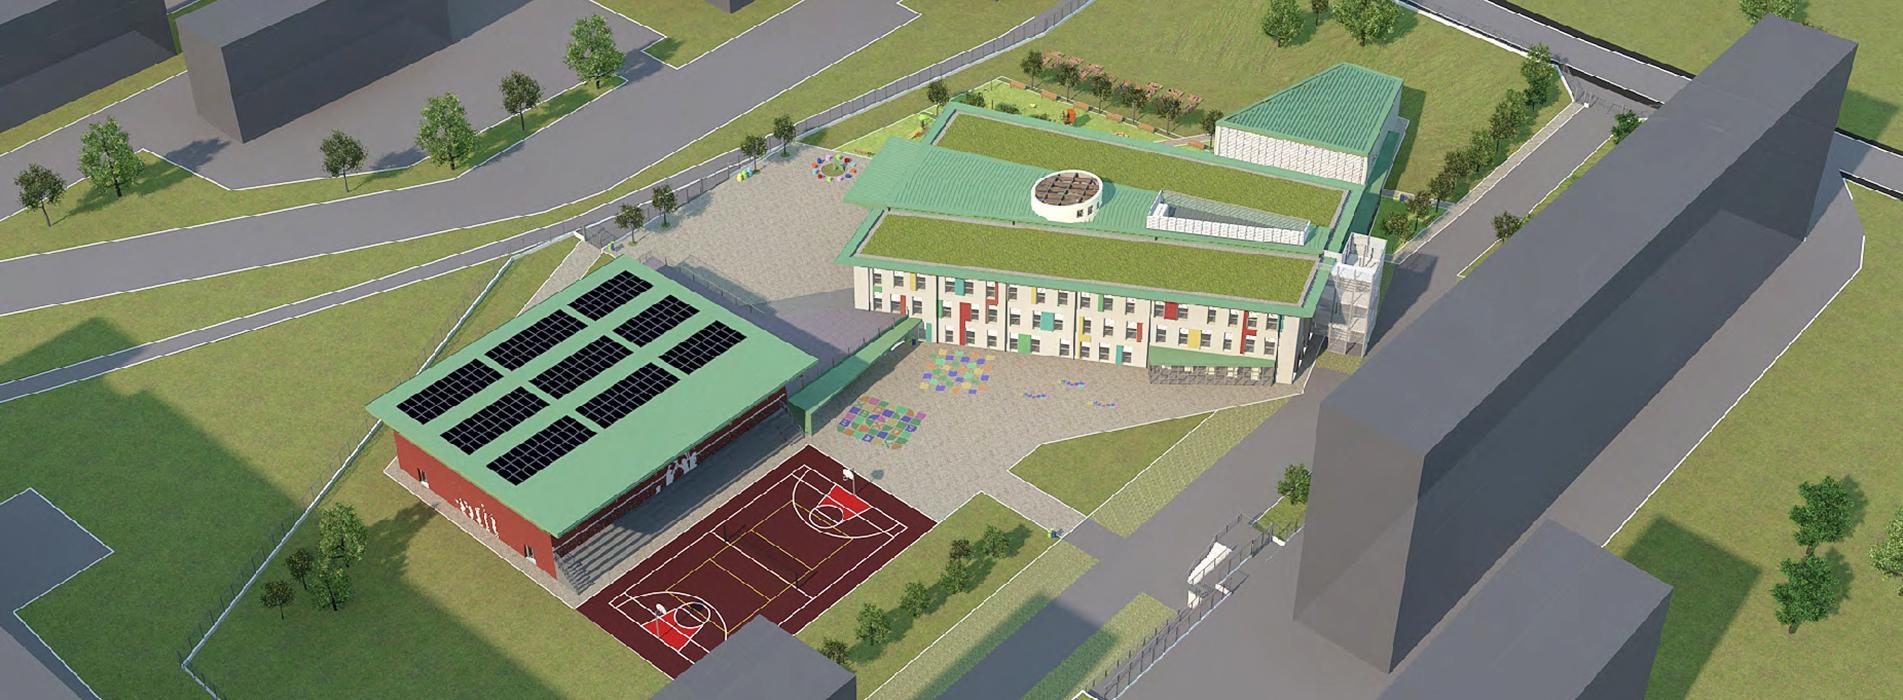 Scuola Via Brocchi